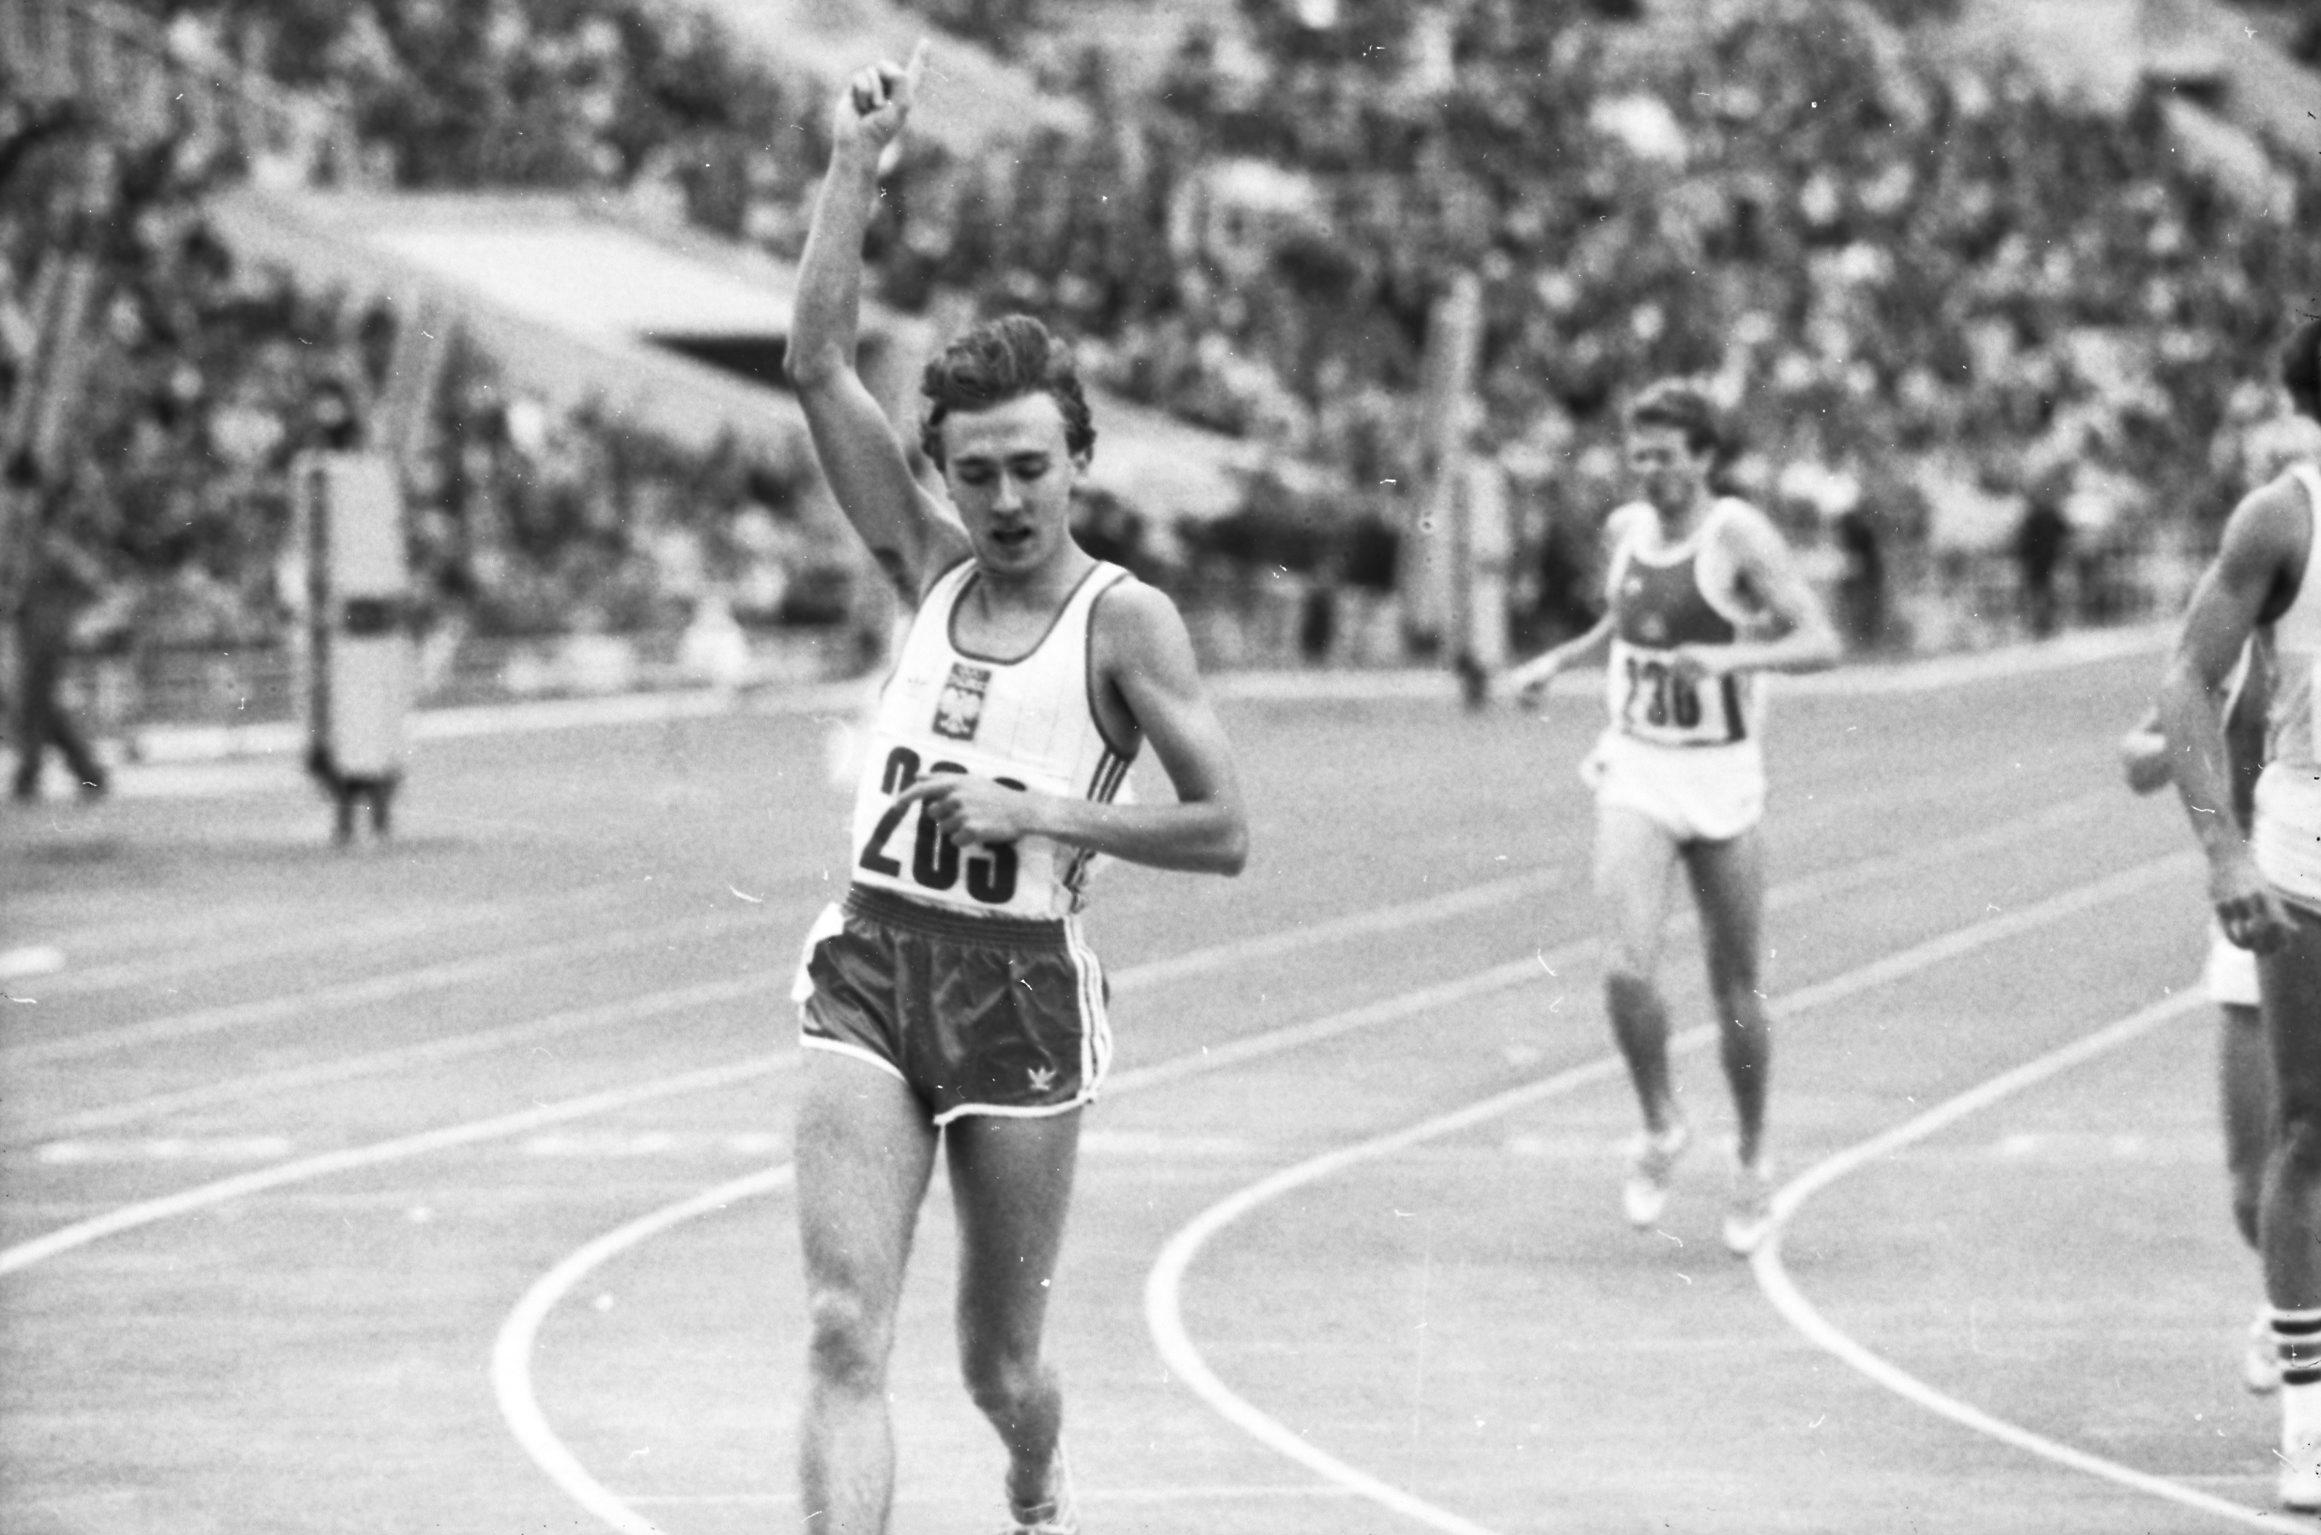 ZSRR, Moskwa, 19.08.1984. Zawody Przyjaźni. Nz. lekkoatleta, biegacz Ryszard Ostrowski (awol) PAP/Teodor Walczak